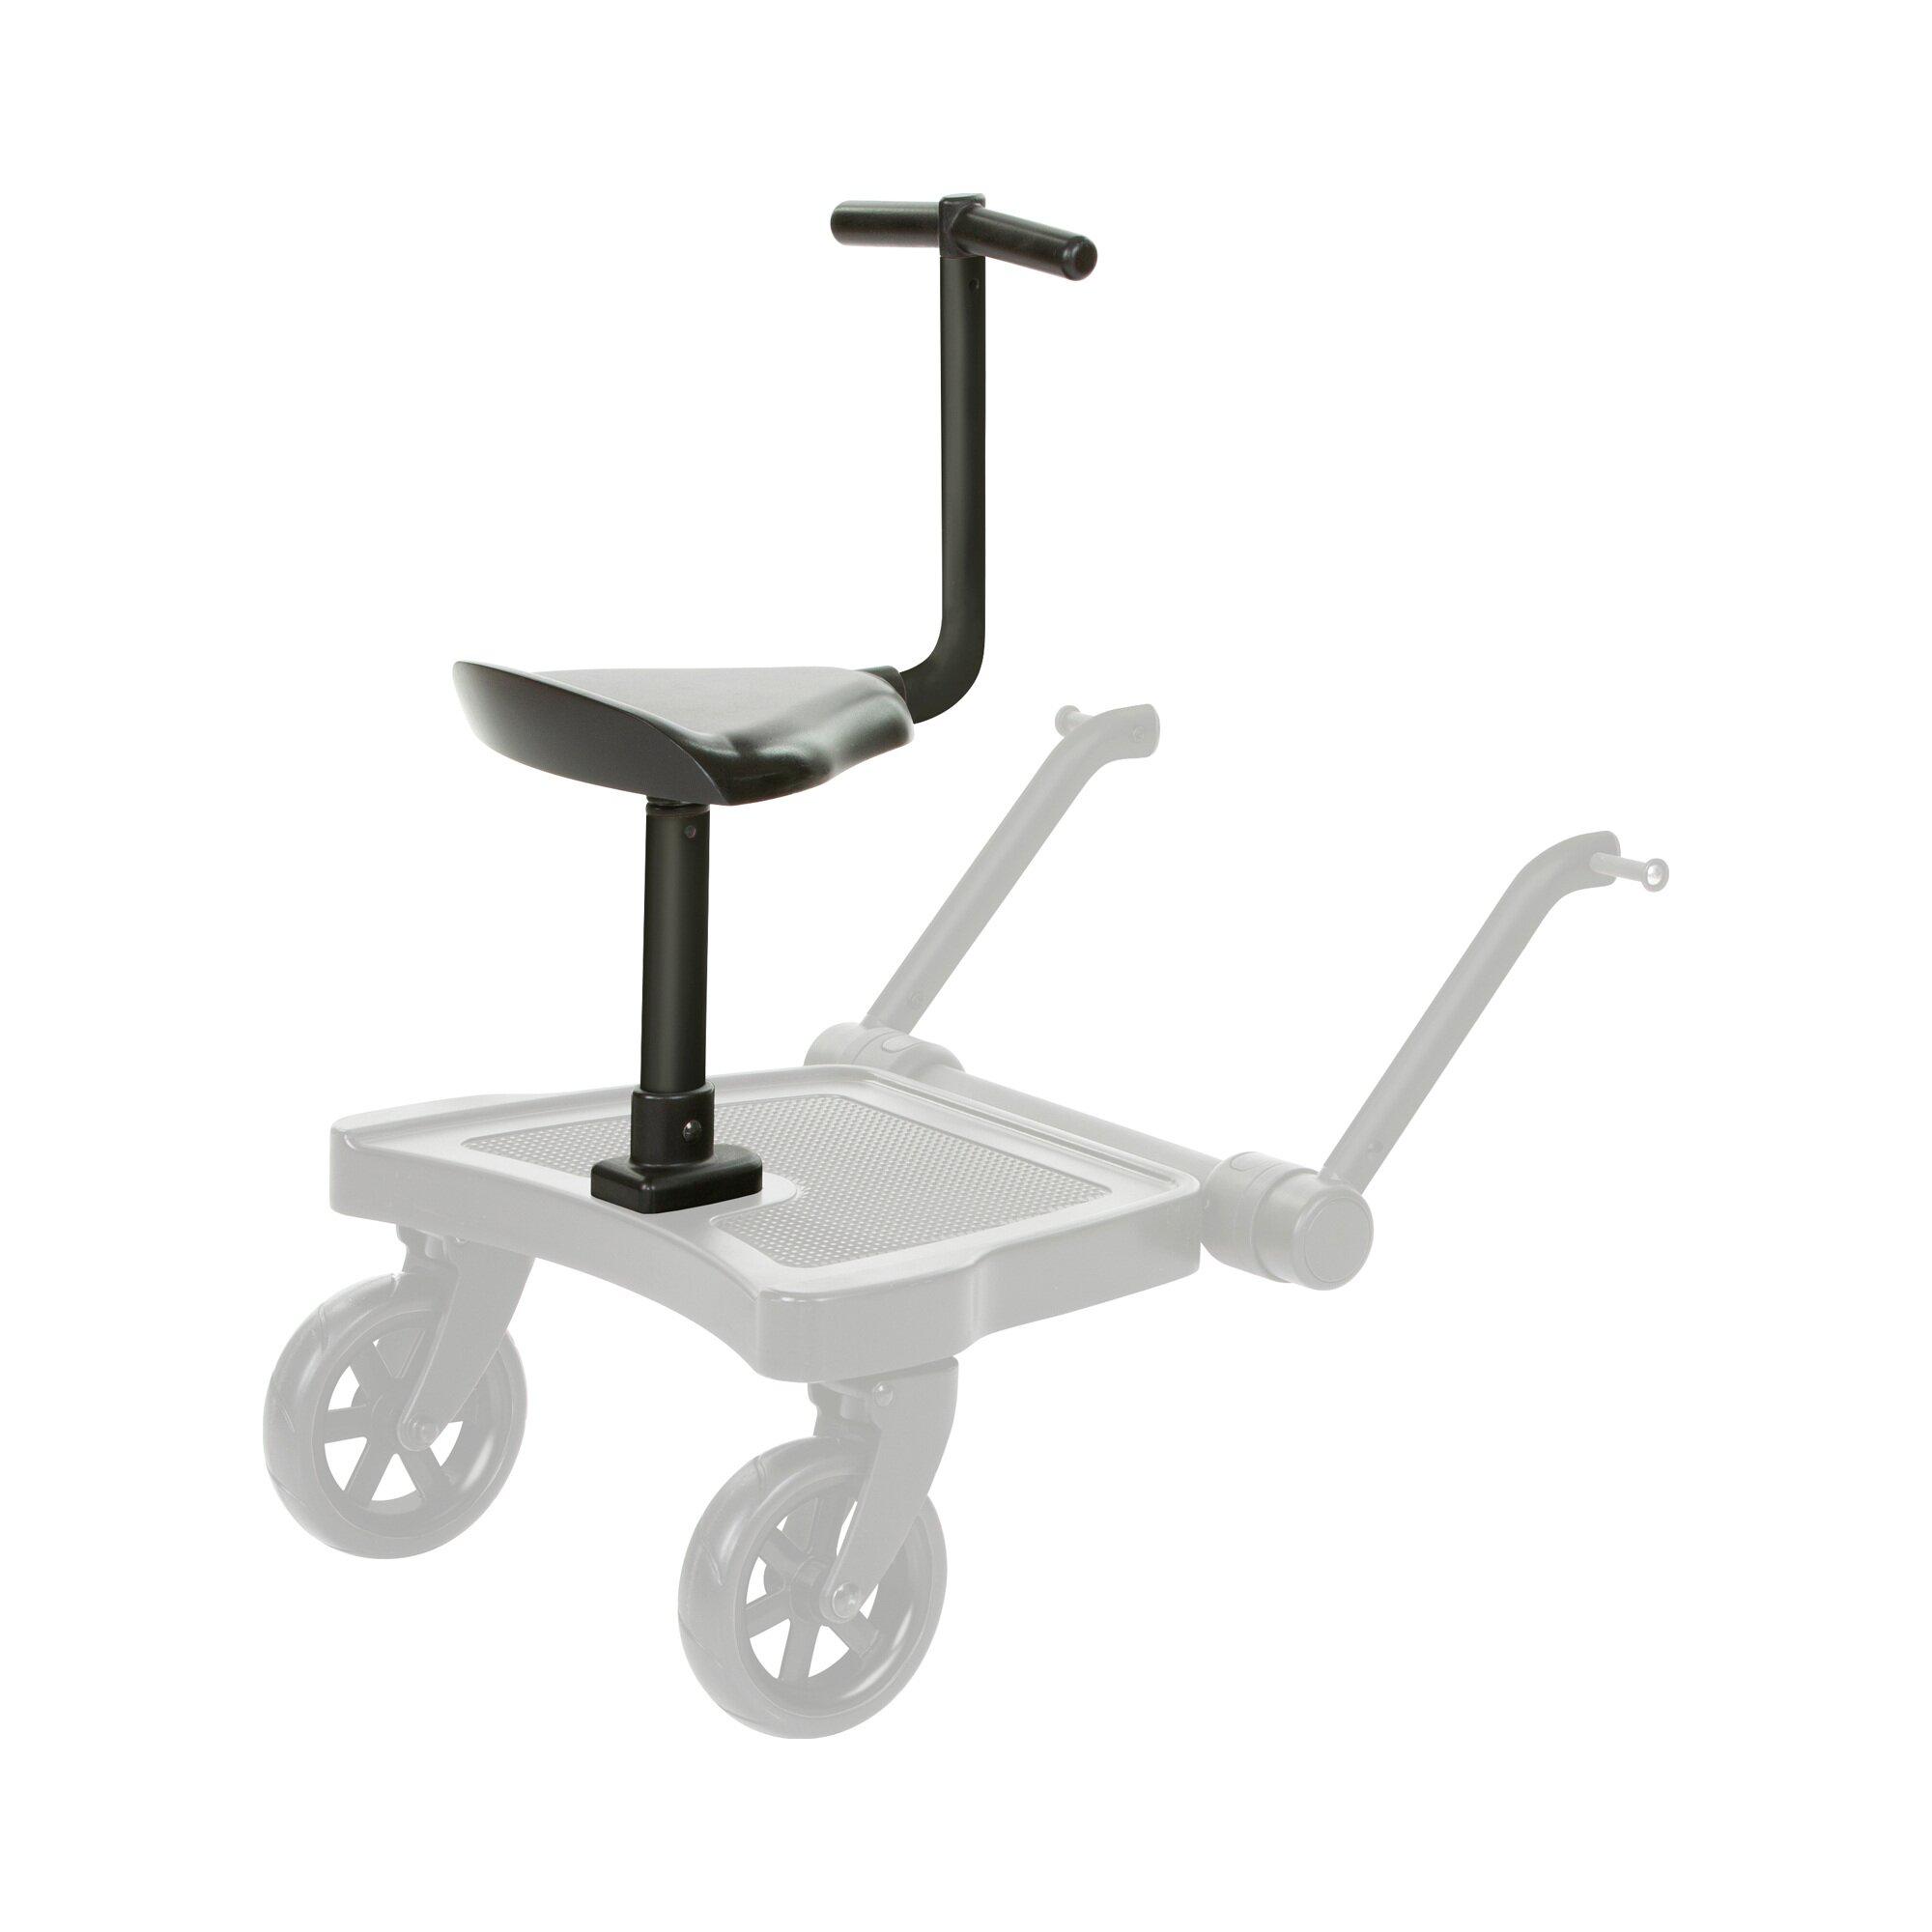 Abc Design Sitzbrett für Trittbrett Kiddie Ride On 2 schwarz